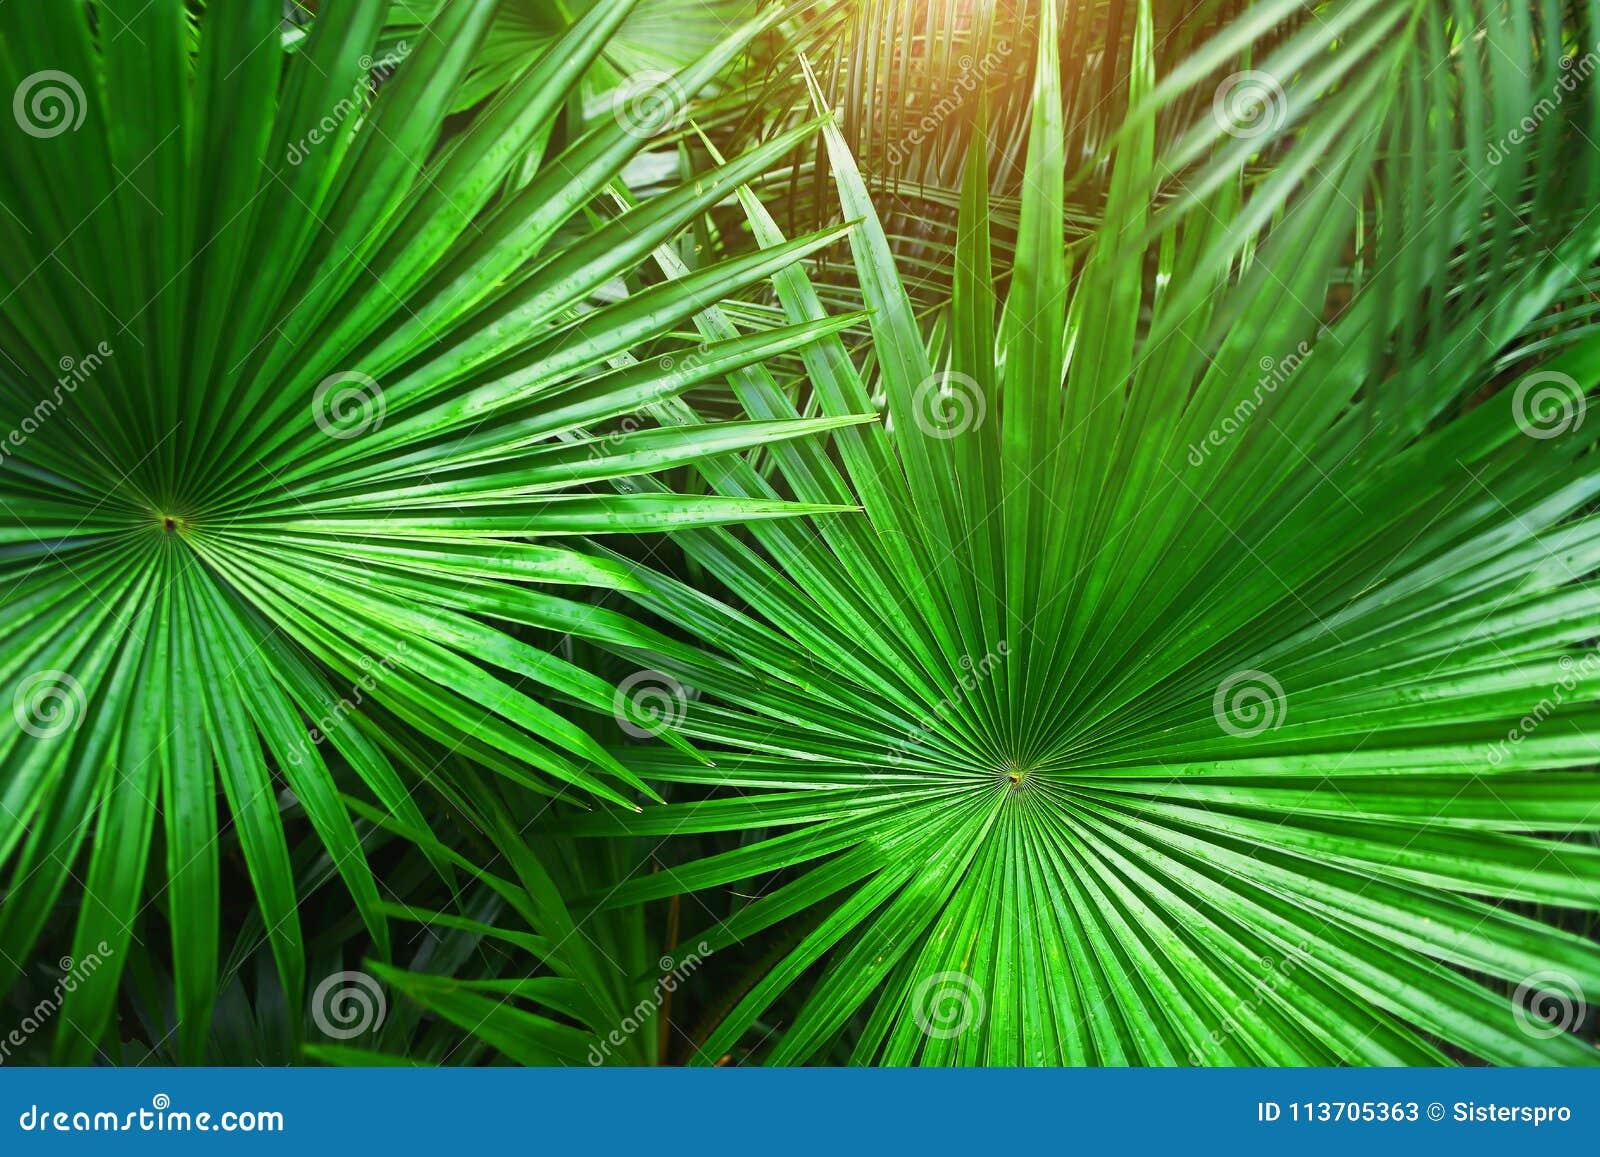 Tropiska gröna palmblad i exotiskt ändlöst sommarland med solljus